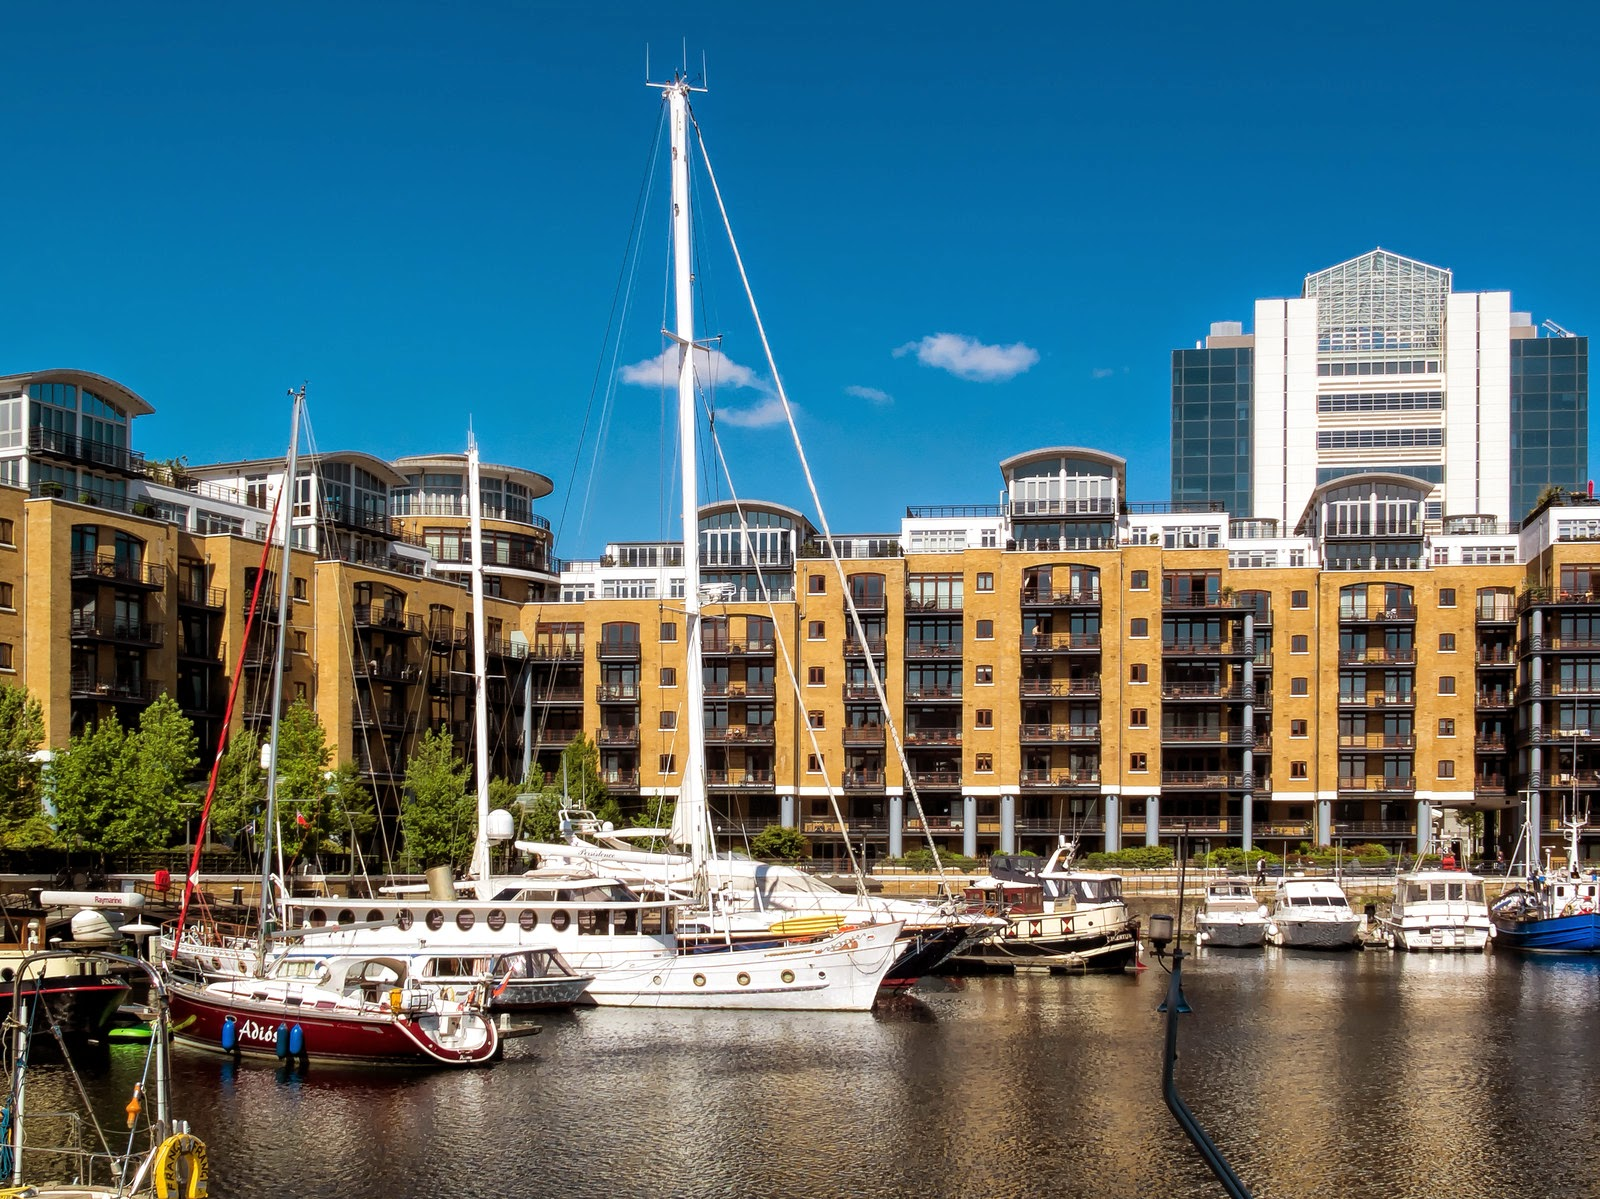 Londres, Saindo do roteiro turístico em Londres